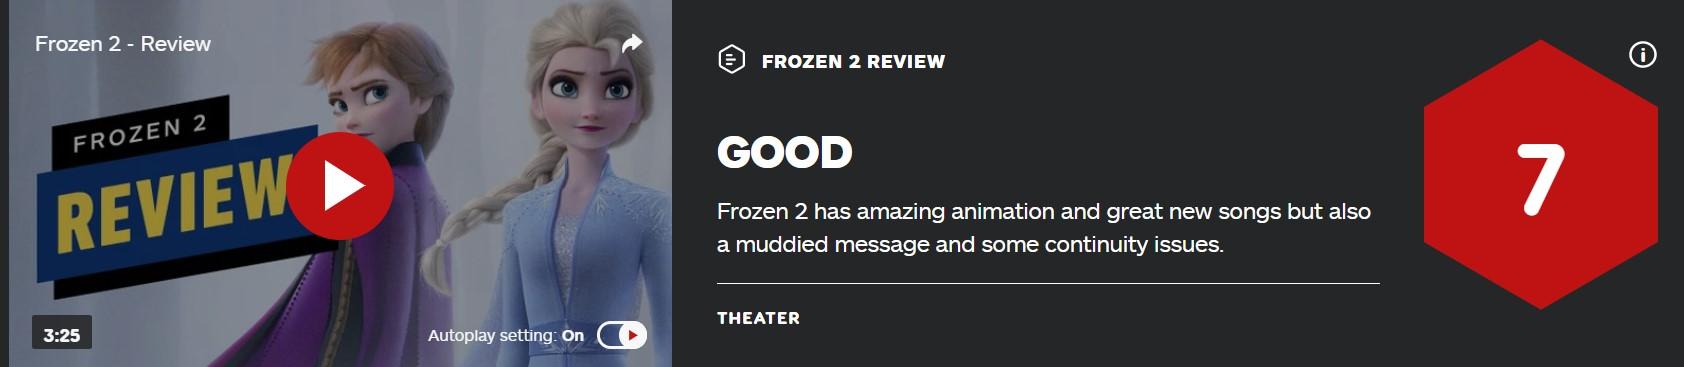 《冰雪奇缘2》IGN 7分:动画超赞 但问题不少